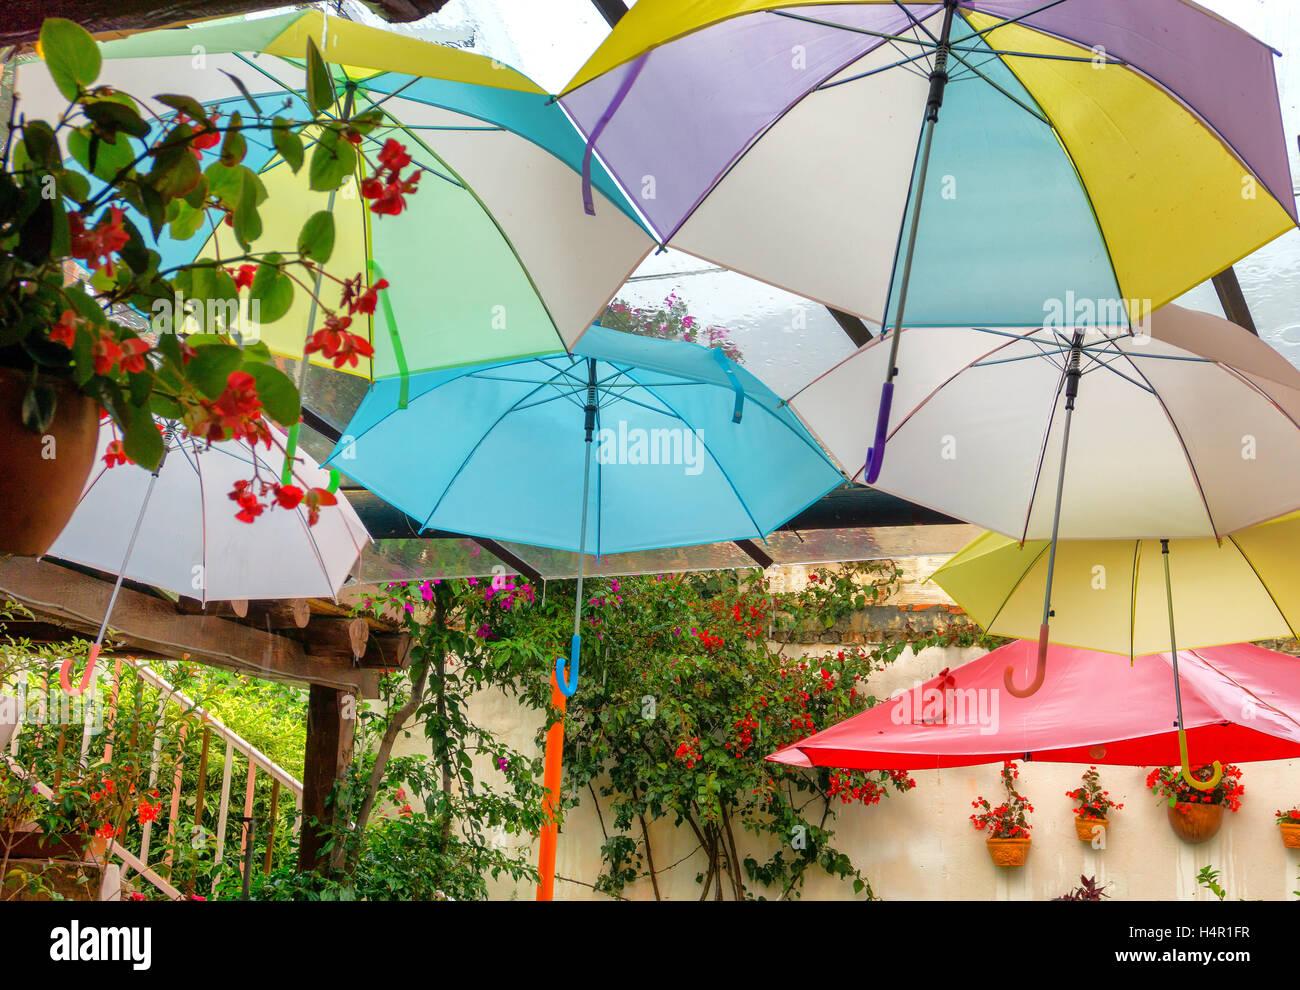 Colorful umbrellas hanging in Villa de Leyva, Colombia - Stock Image